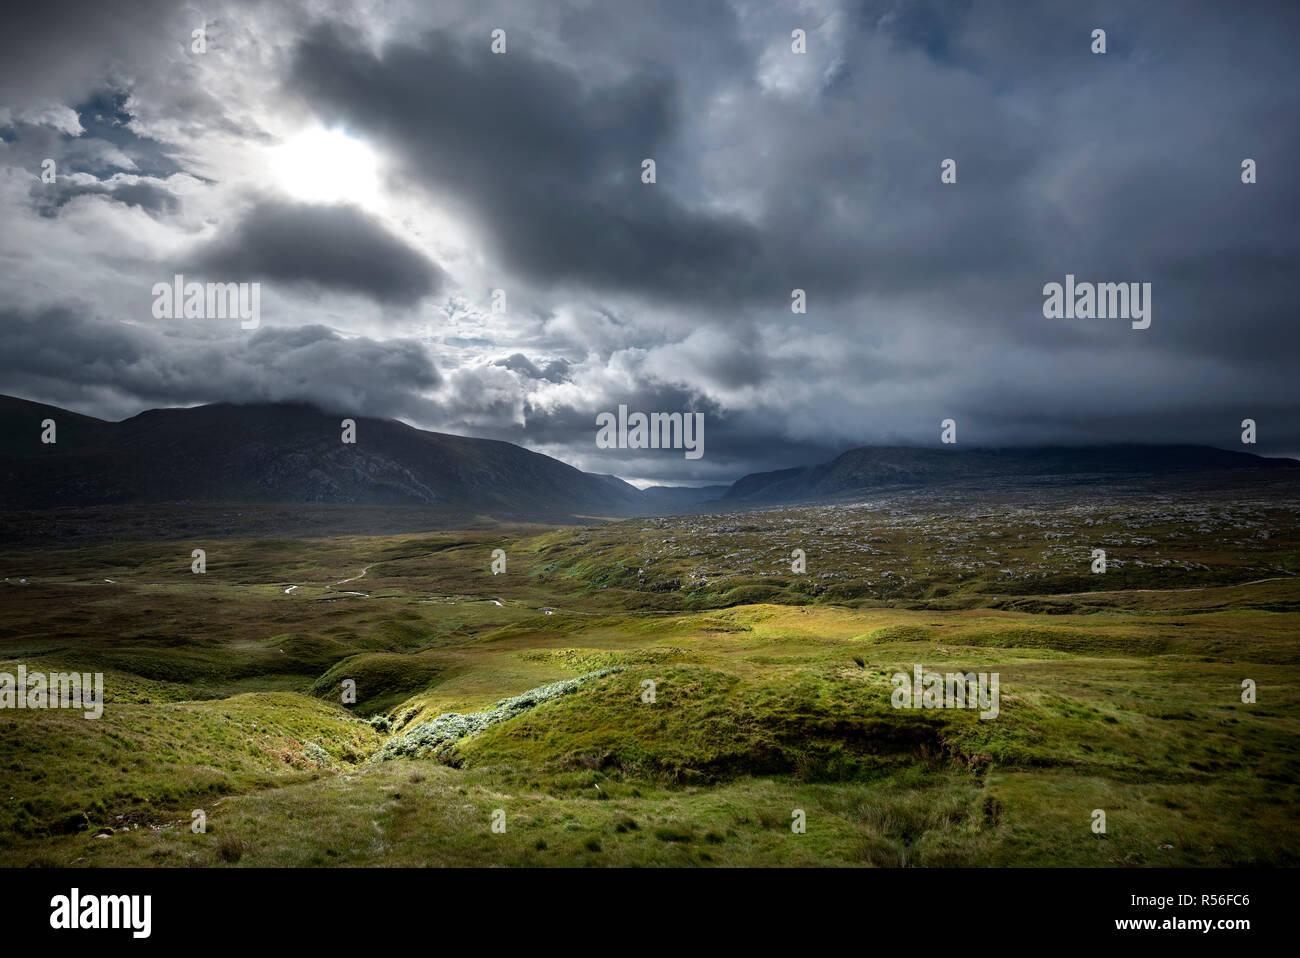 L'atmosphère de nuages sombres dans les Highlands écossais, Sutherland, Scotland, United Kingdom Photo Stock